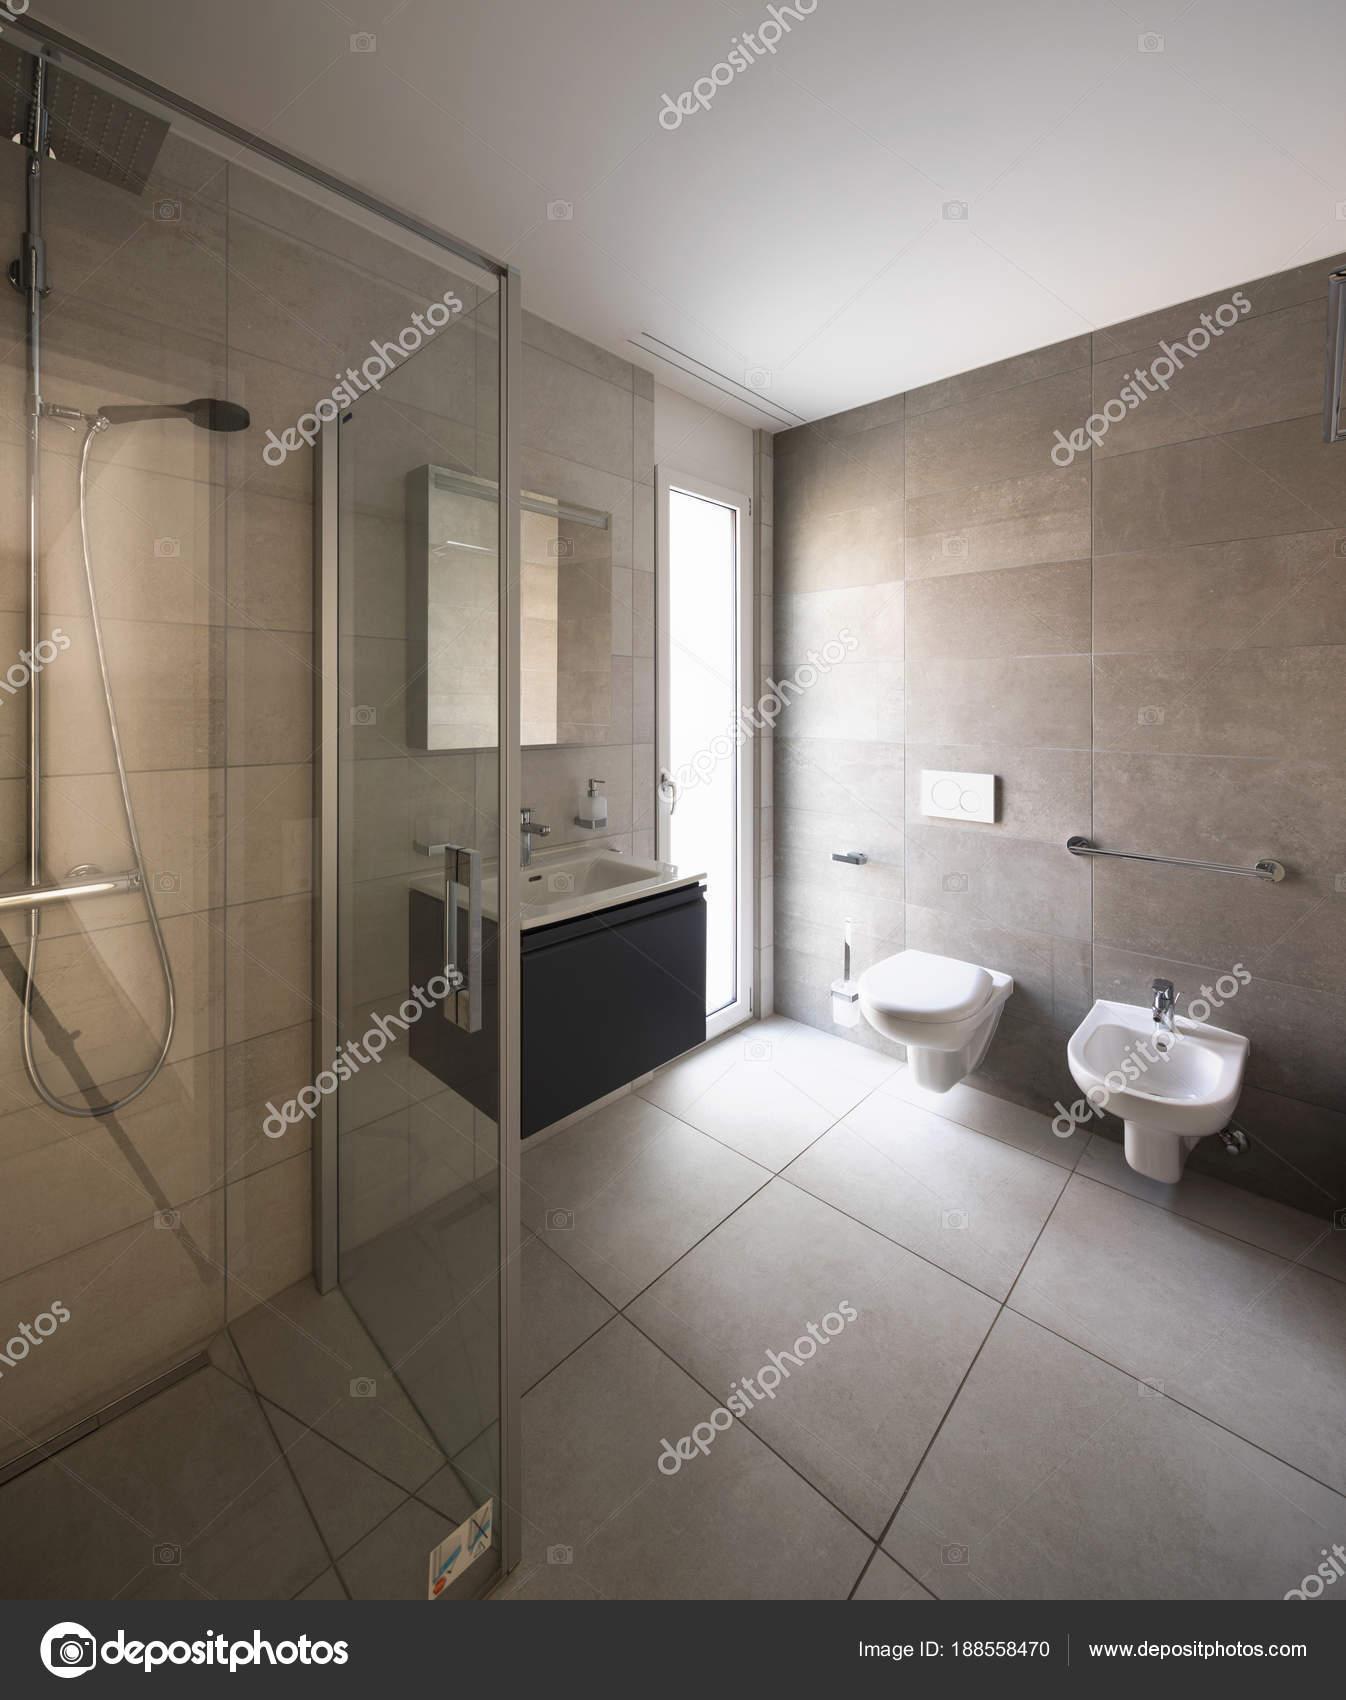 Salle de bains moderne en marbre dans un appartement moderne ...